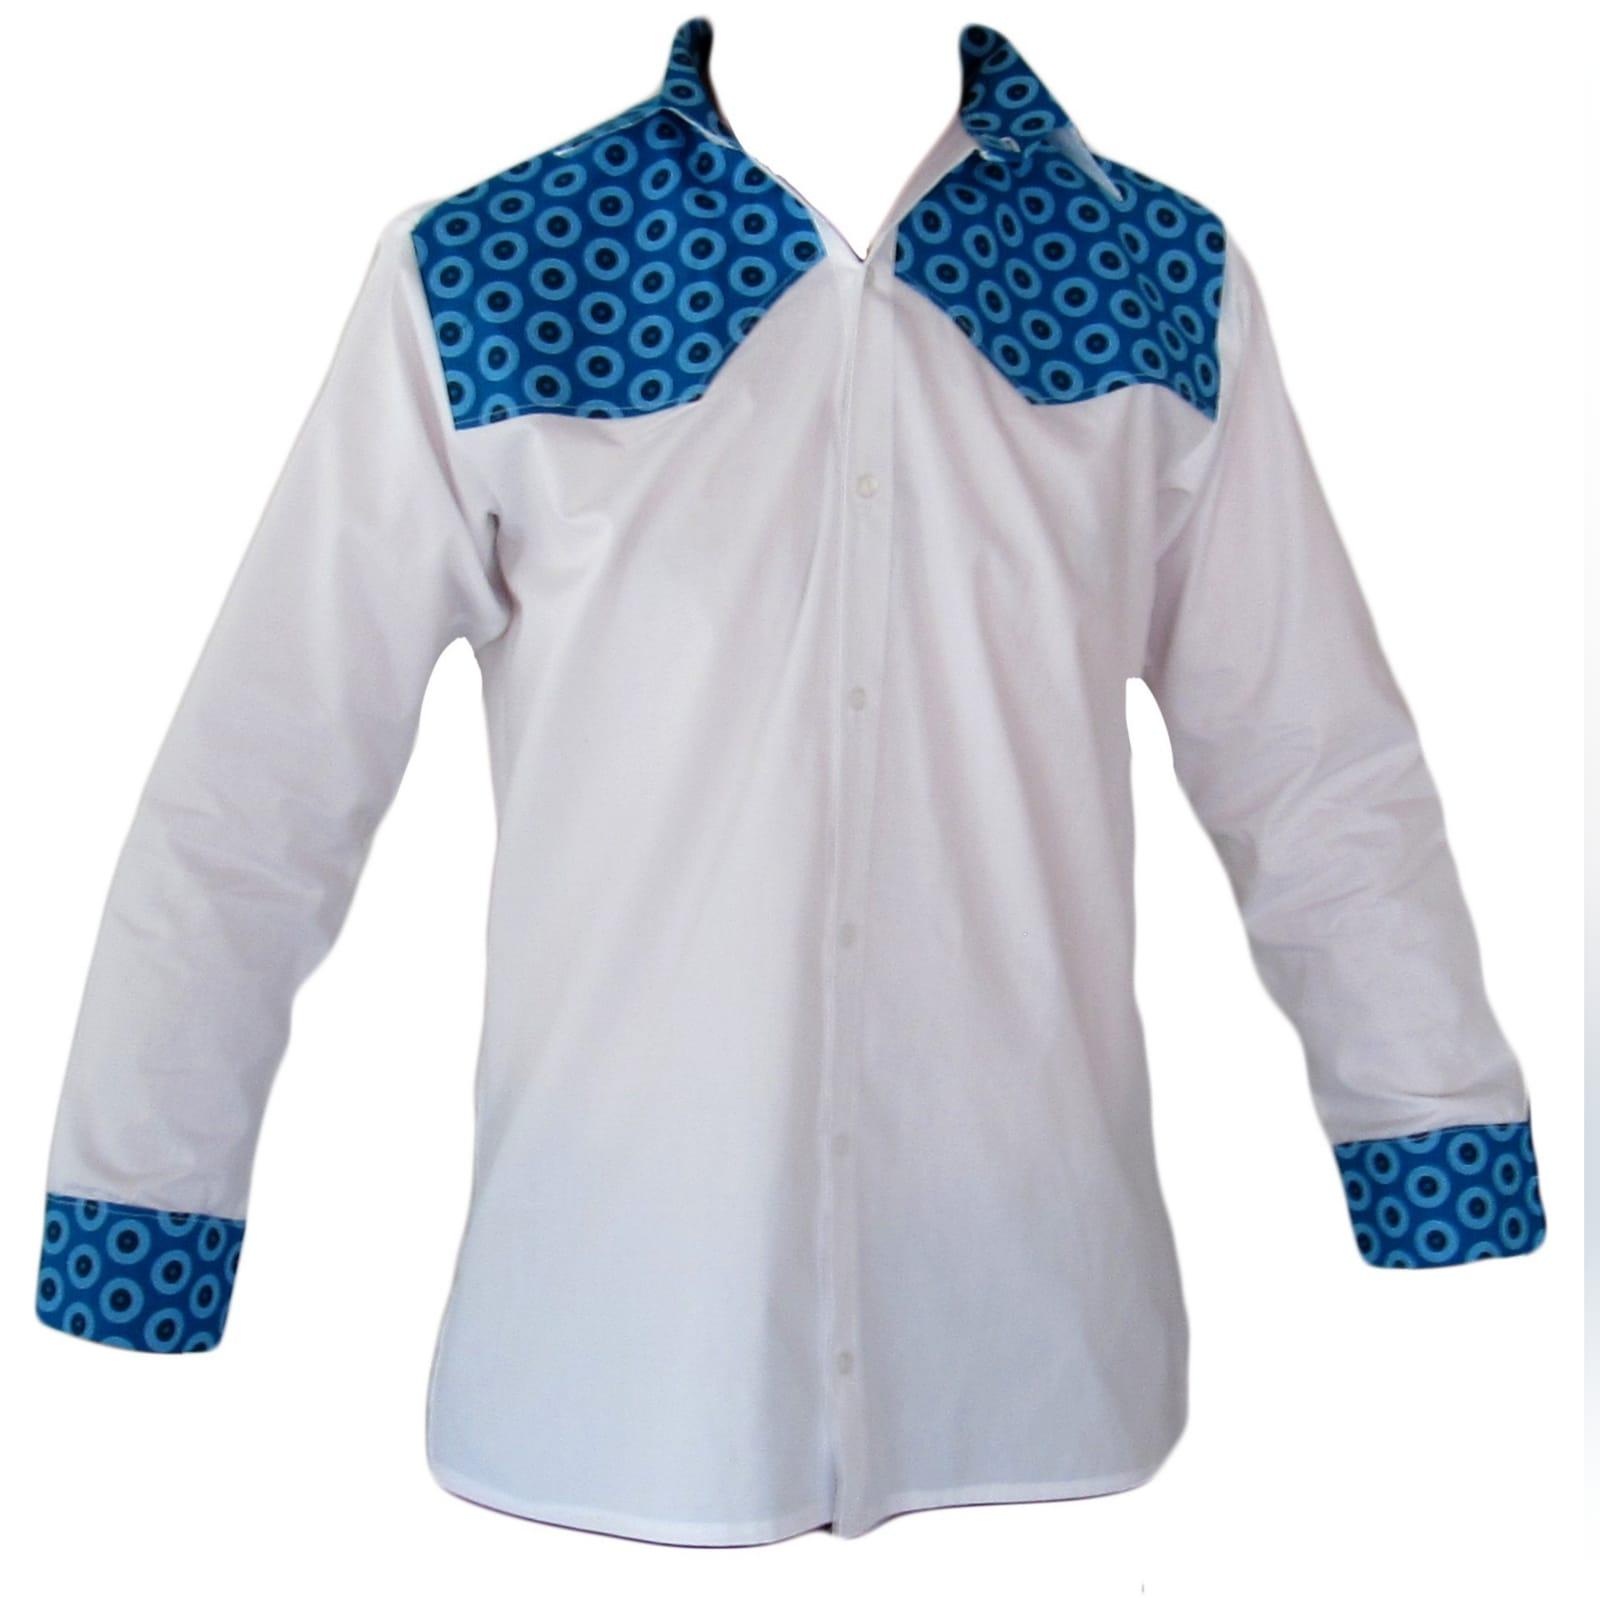 Vestido azul africano tradicional moderno e familia 6 vestido moderno de shweshwe azul, tradicional sul-africano com um design de um ombro, efeito de cinto e um folho. Com vestido de meninas combinando e camisa de homem combinando.